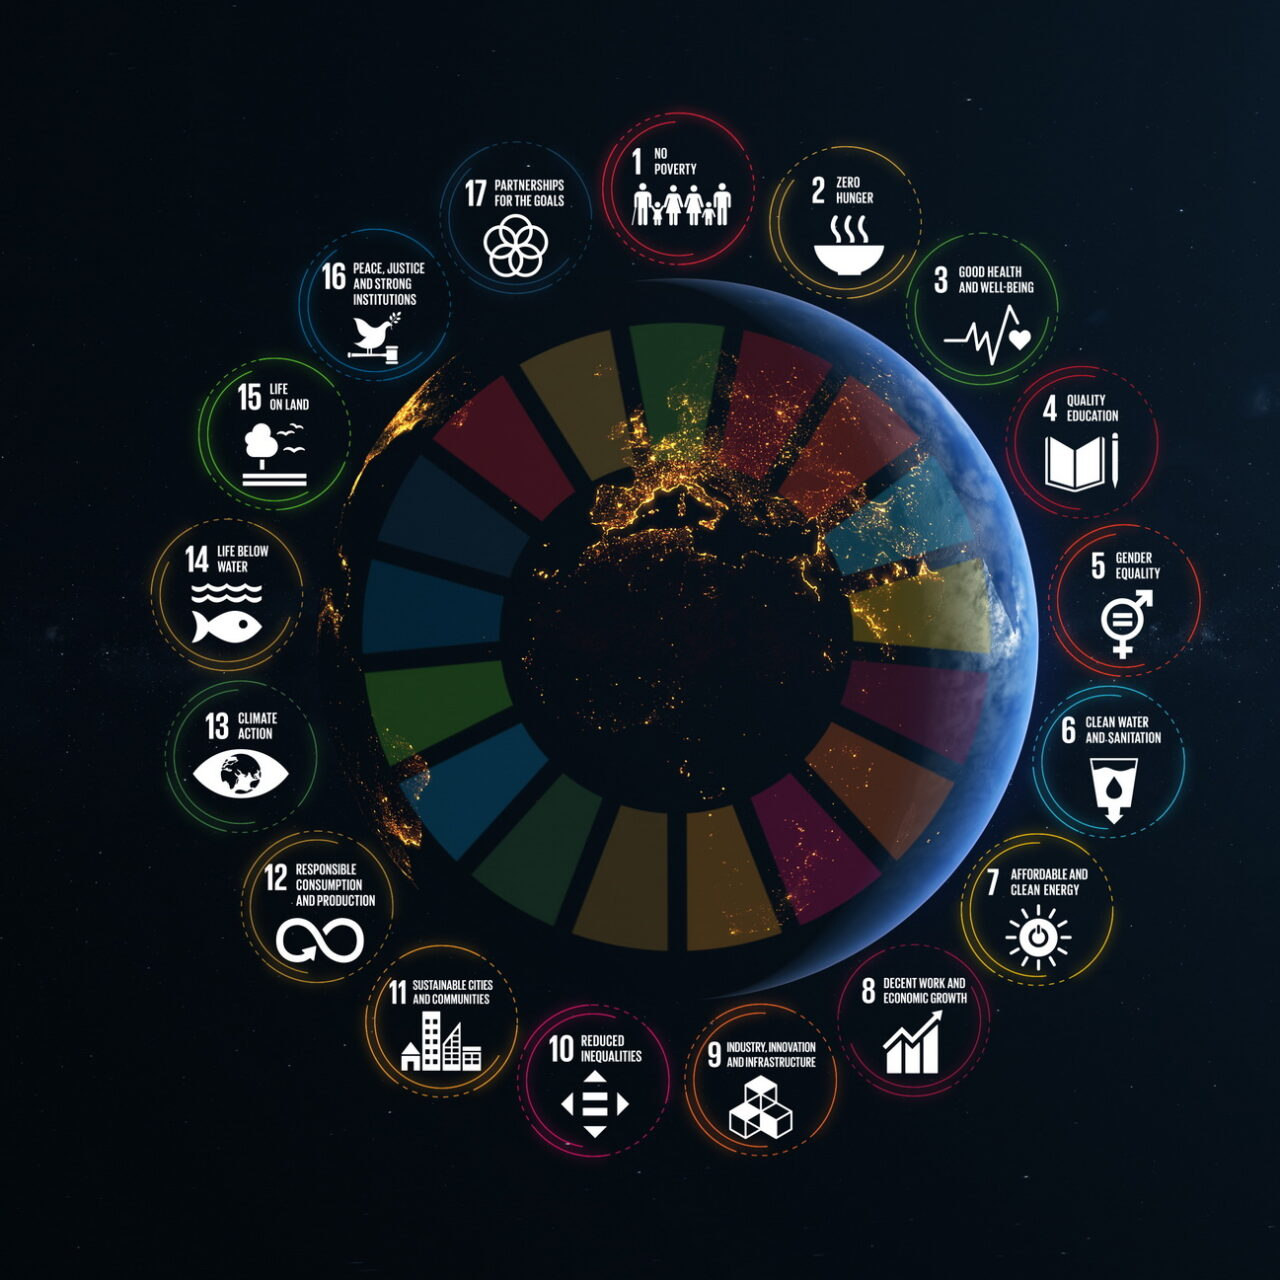 Nachhaltigkeits-Engagement richtig dokumentiert